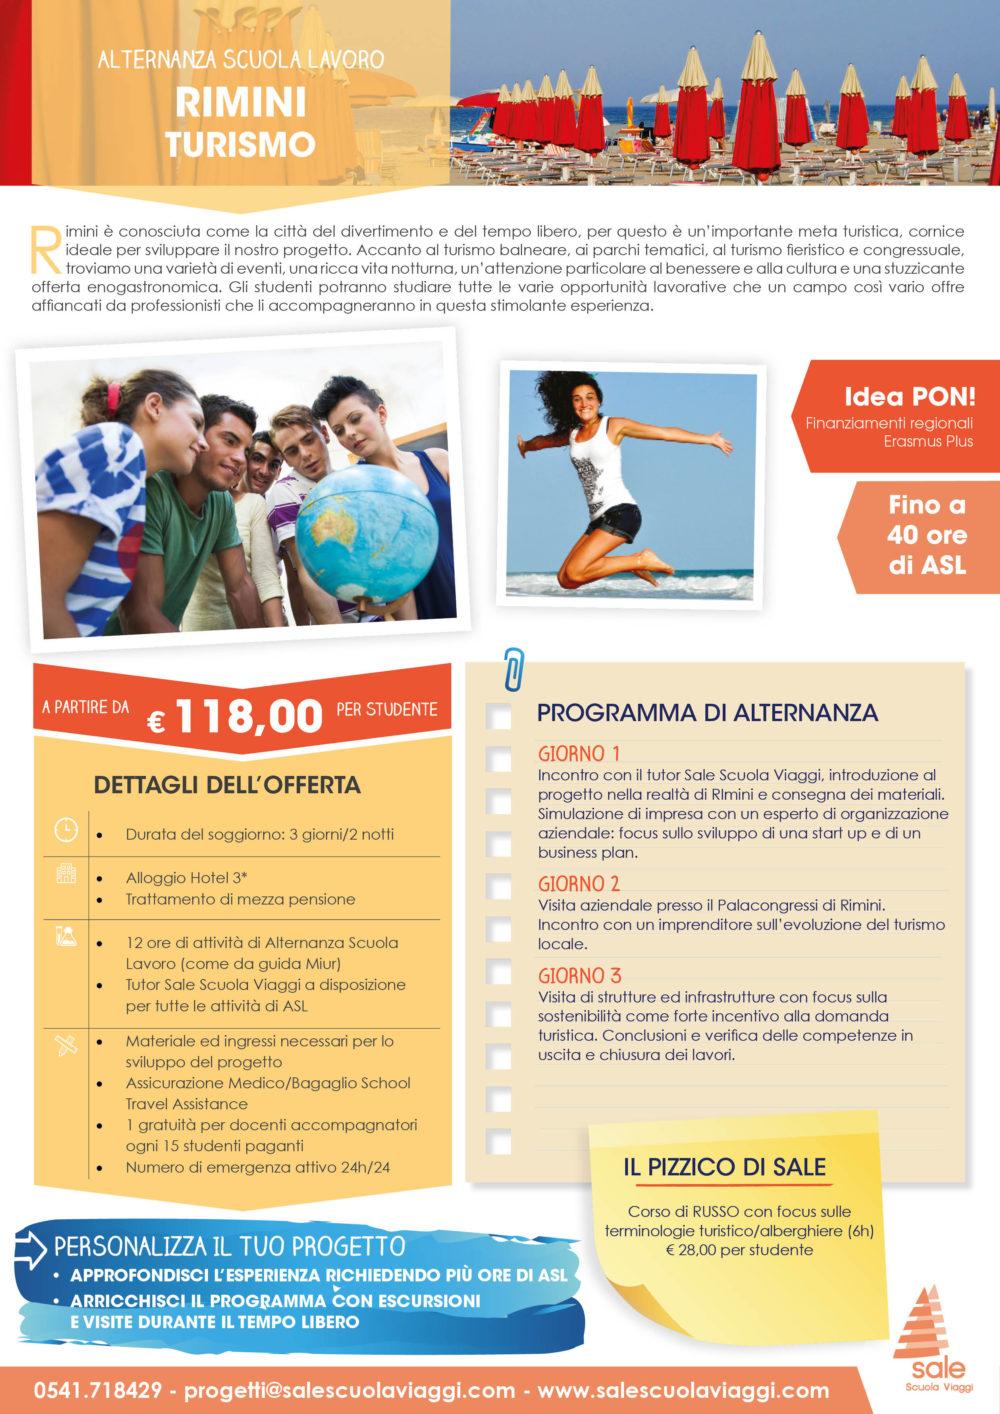 Rimini Turismo - Alternanza in Gita - Sale Scuola Viaggi